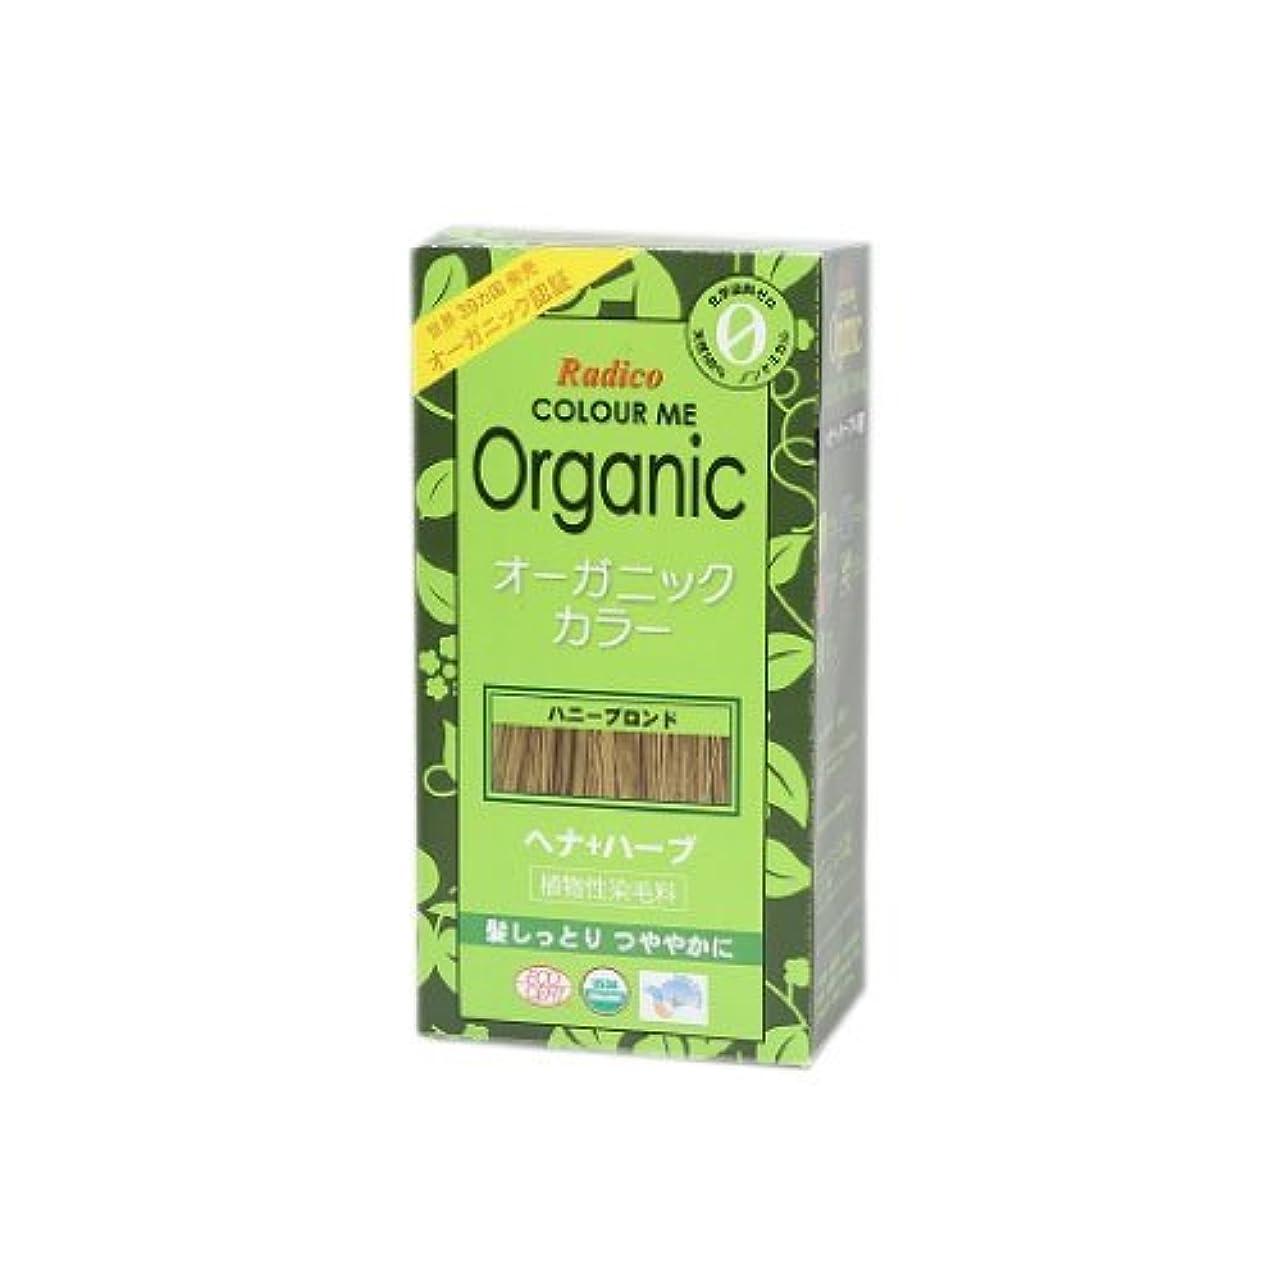 COLOURME Organic (カラーミーオーガニック ヘナ 白髪用) ハニーブロンド 100g